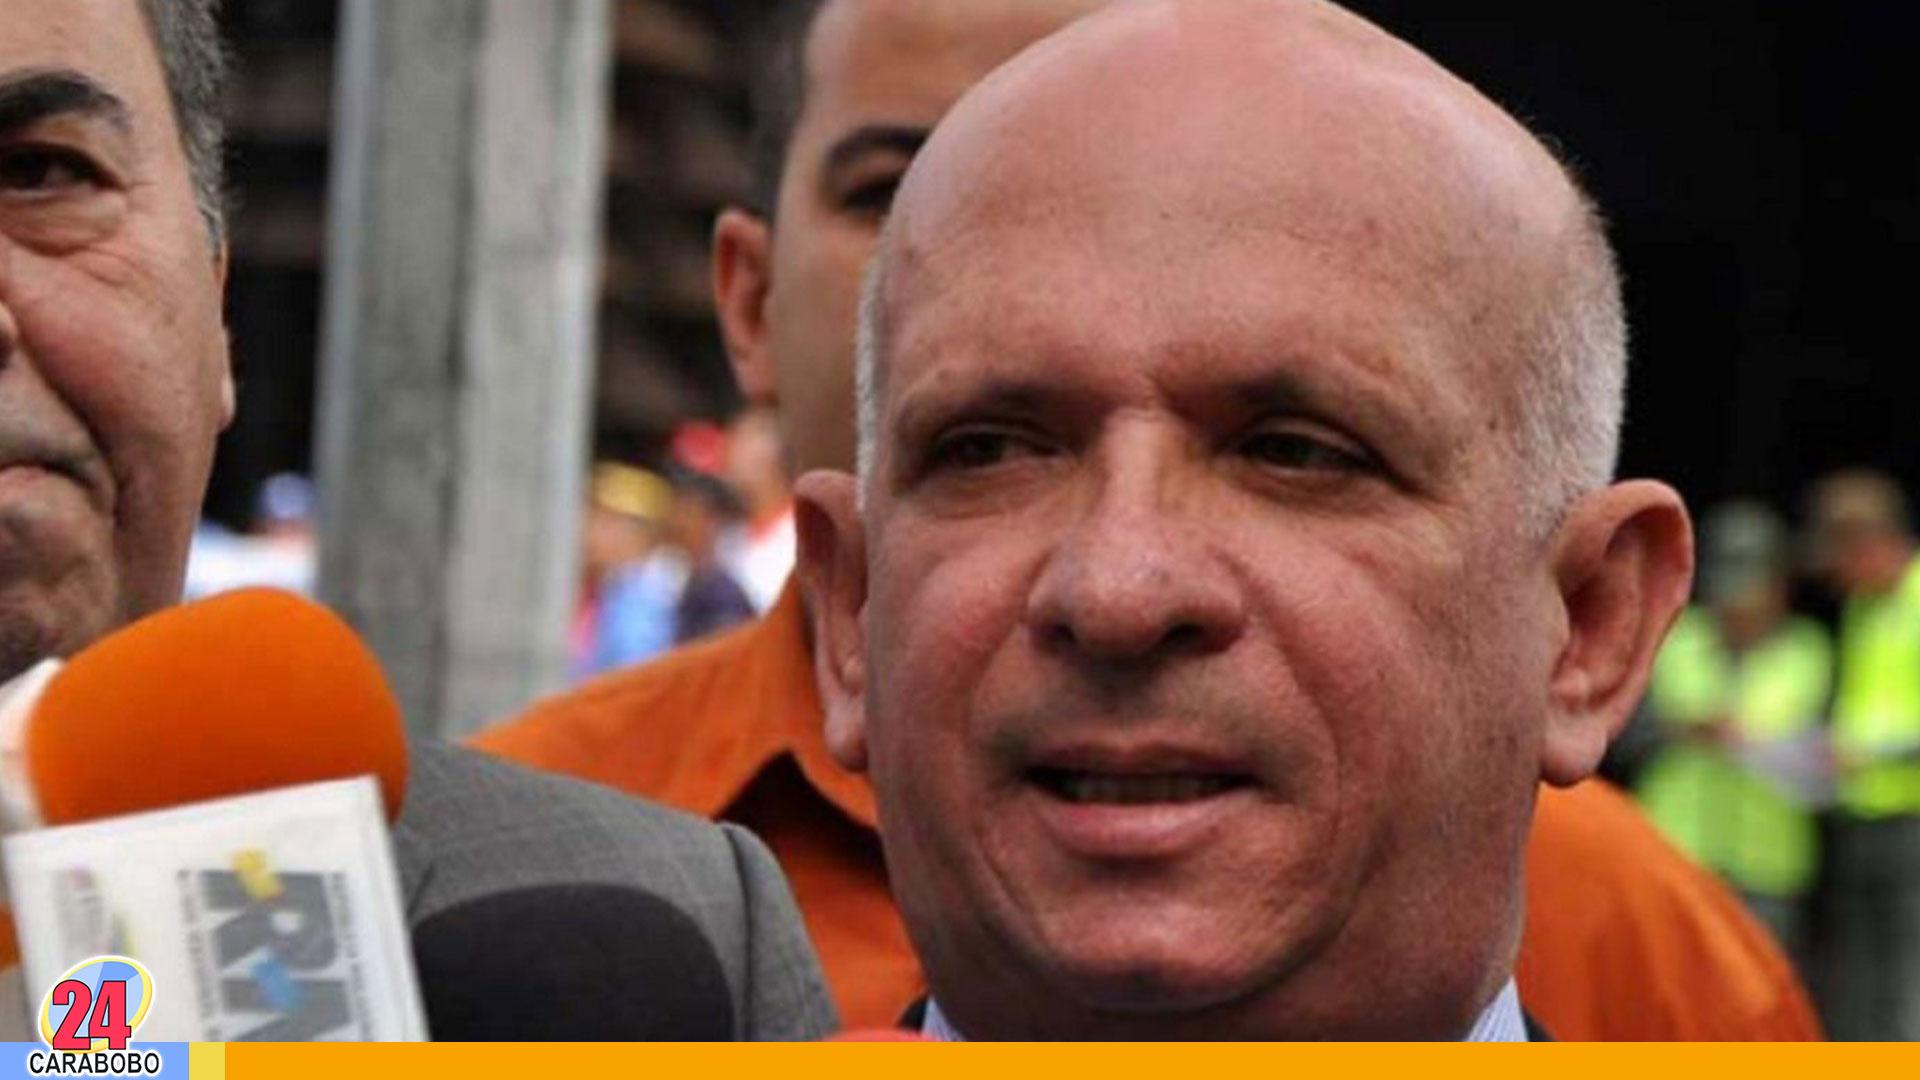 """Noticias en Carabobo, Noticias de Carabobo, Noticias24Carabobo, Noticias Hoy, Hugo Carvajal, """"Pollo"""" Carvajal, Nicolás Maduro, Diosdado Cabello, Feliz Viernes, 8Nov, 8 de Noviembre"""